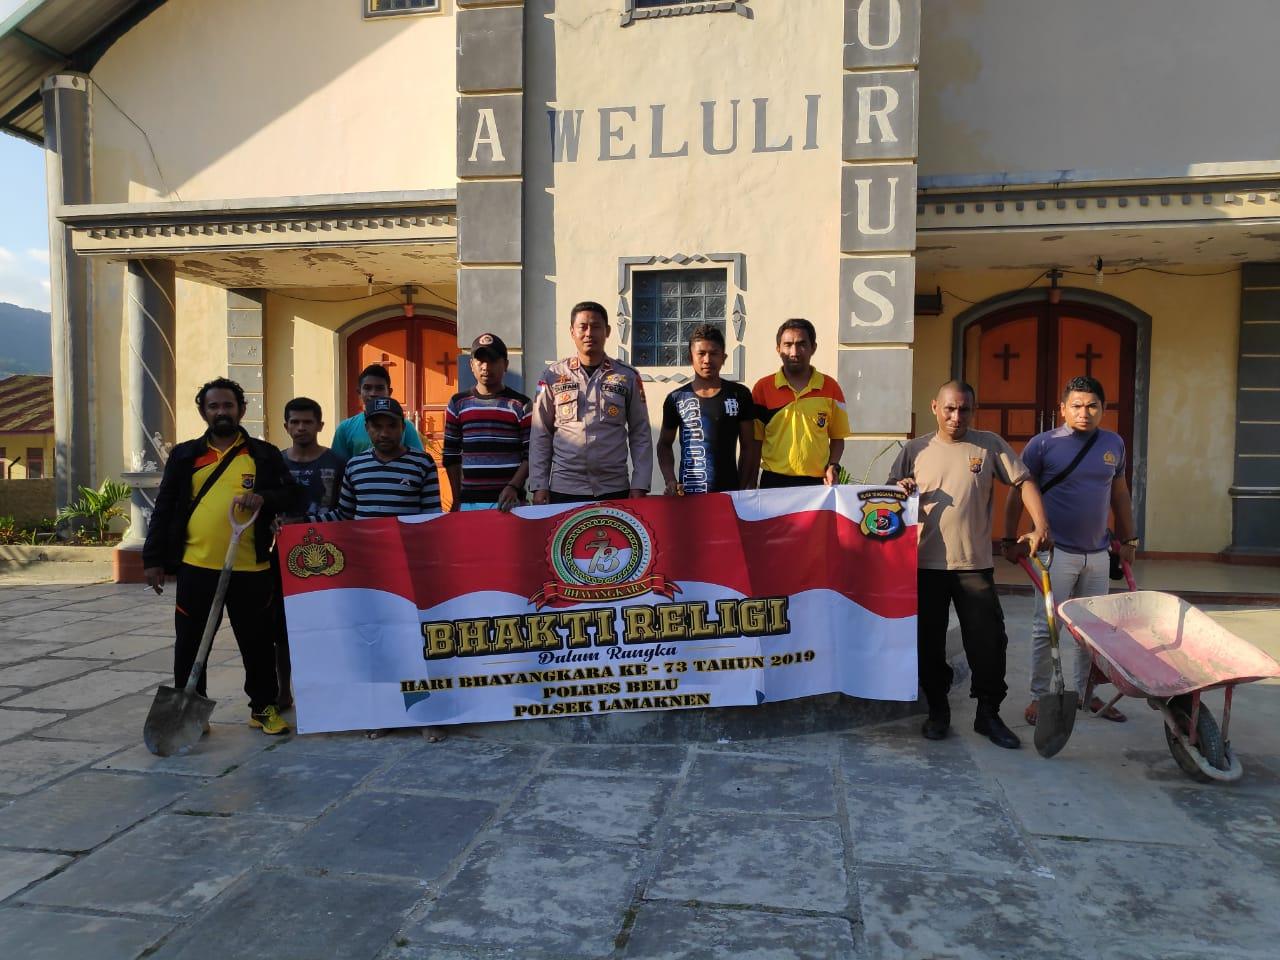 Bakti Religi di HUT Polri ke 73, Aparat Polsek Lamaknen Bersih-bersih di Kompleks Gereja St.Theodorus Weluli